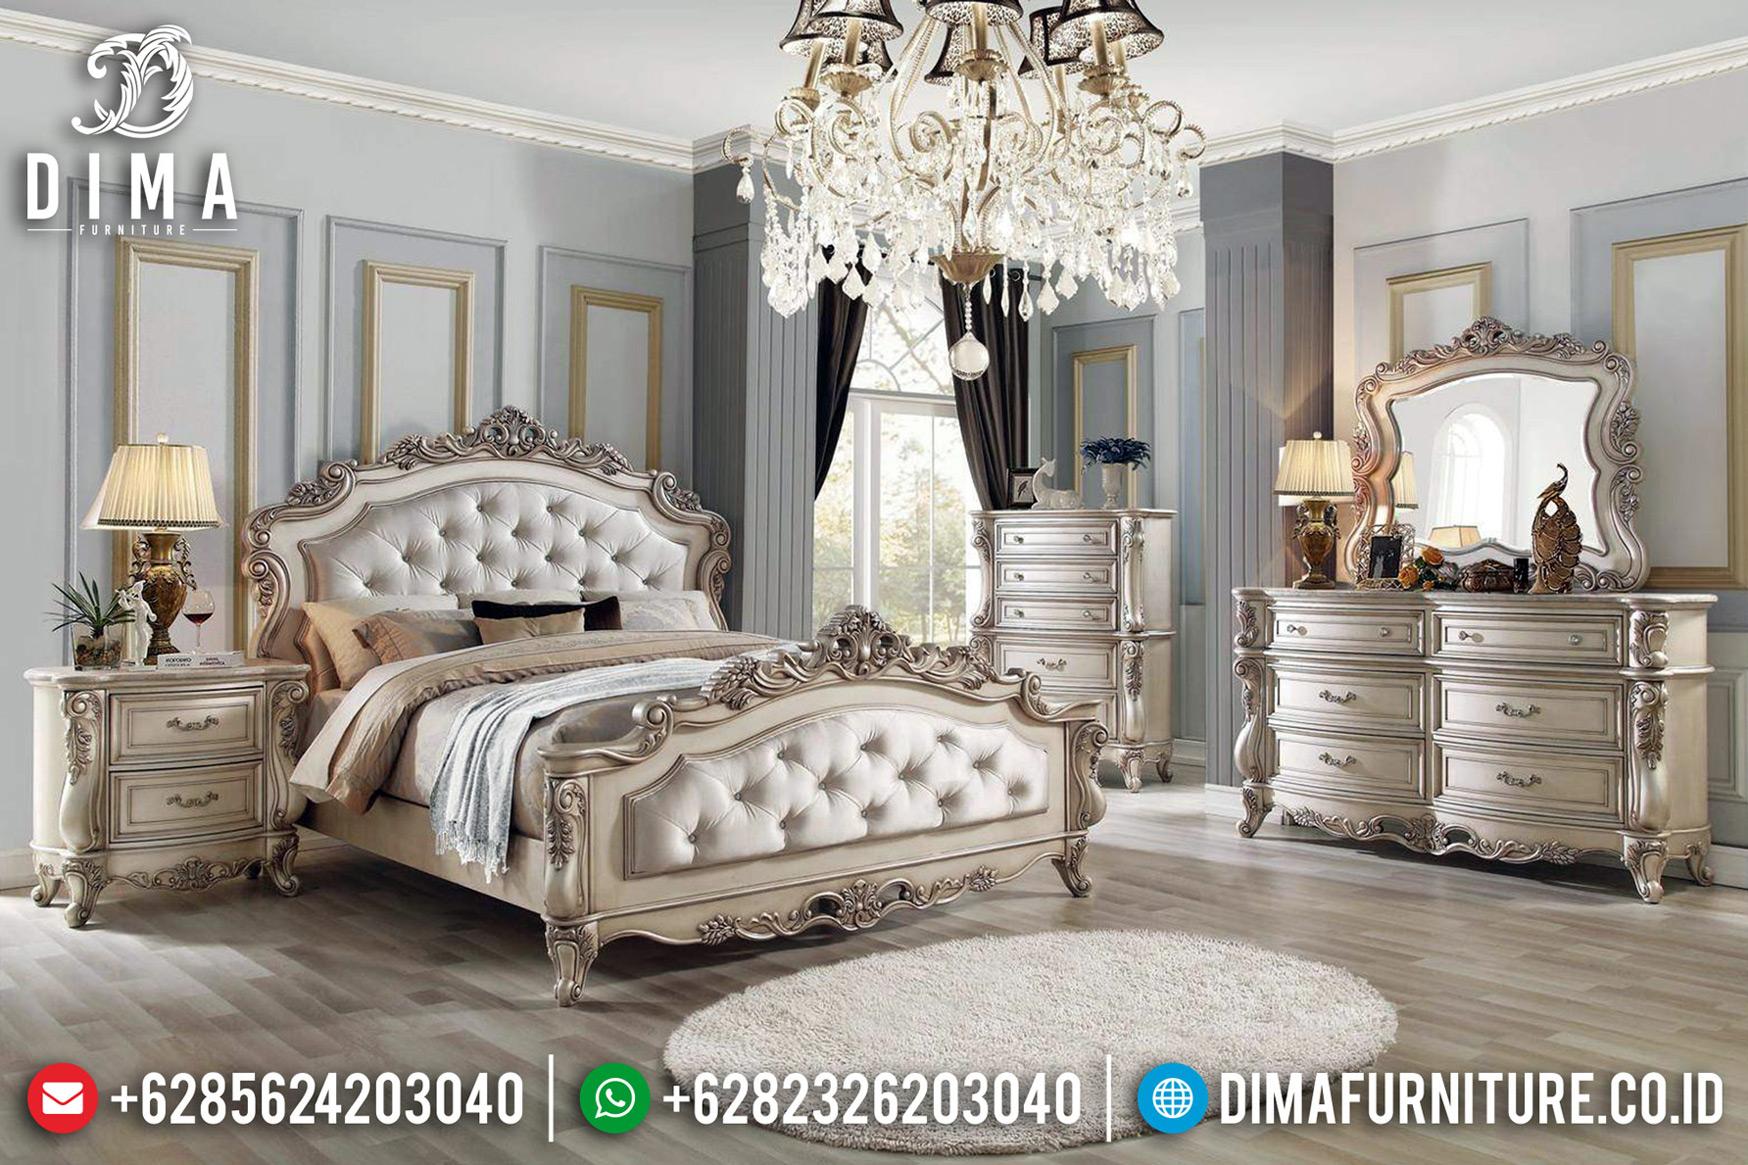 New Desain Tempat Tidur Klasik Luxury Carving Ukiran Asli Kota Jepara BT-0678